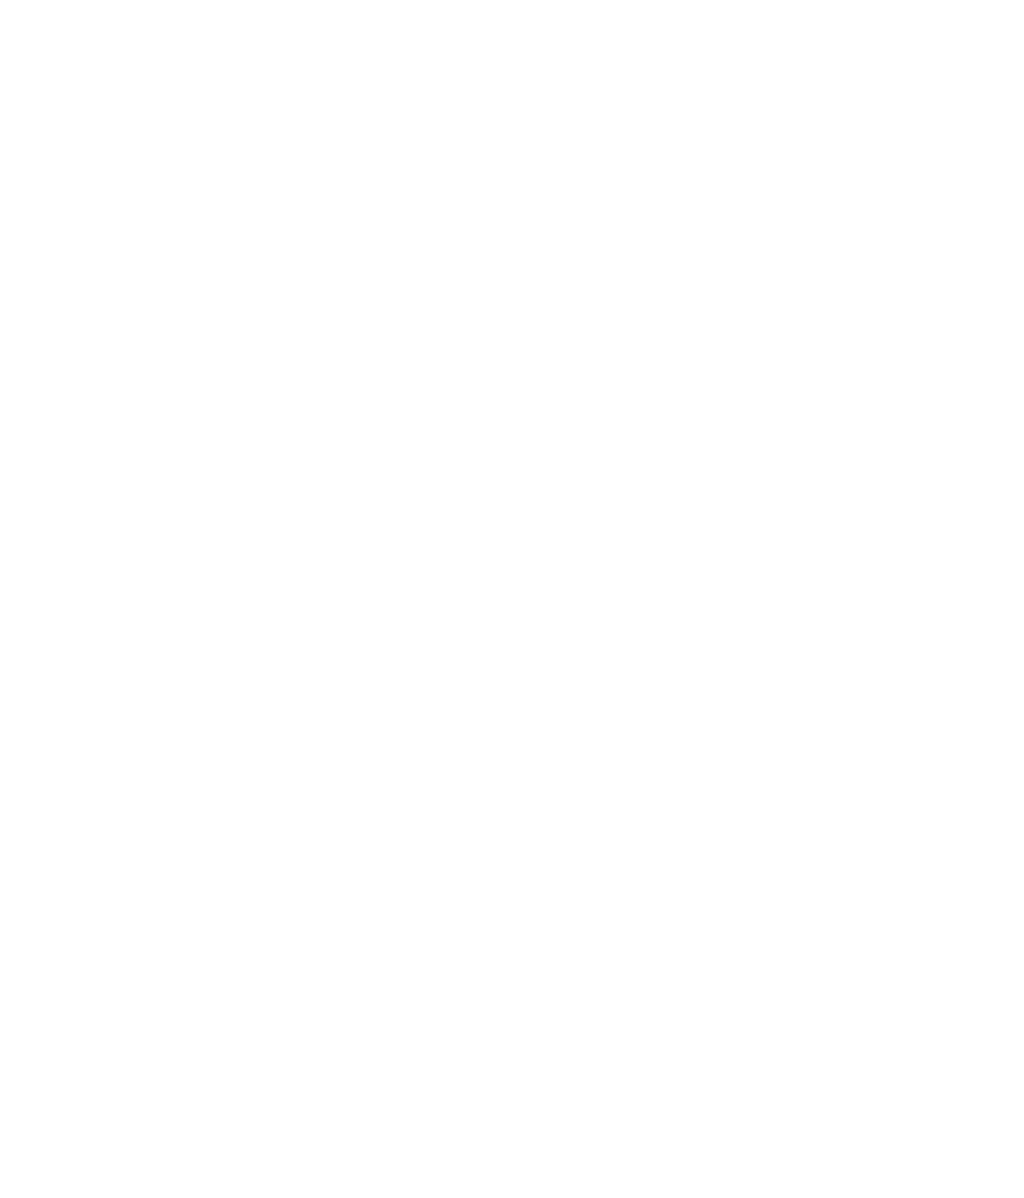 Resultado de imagen para blanco